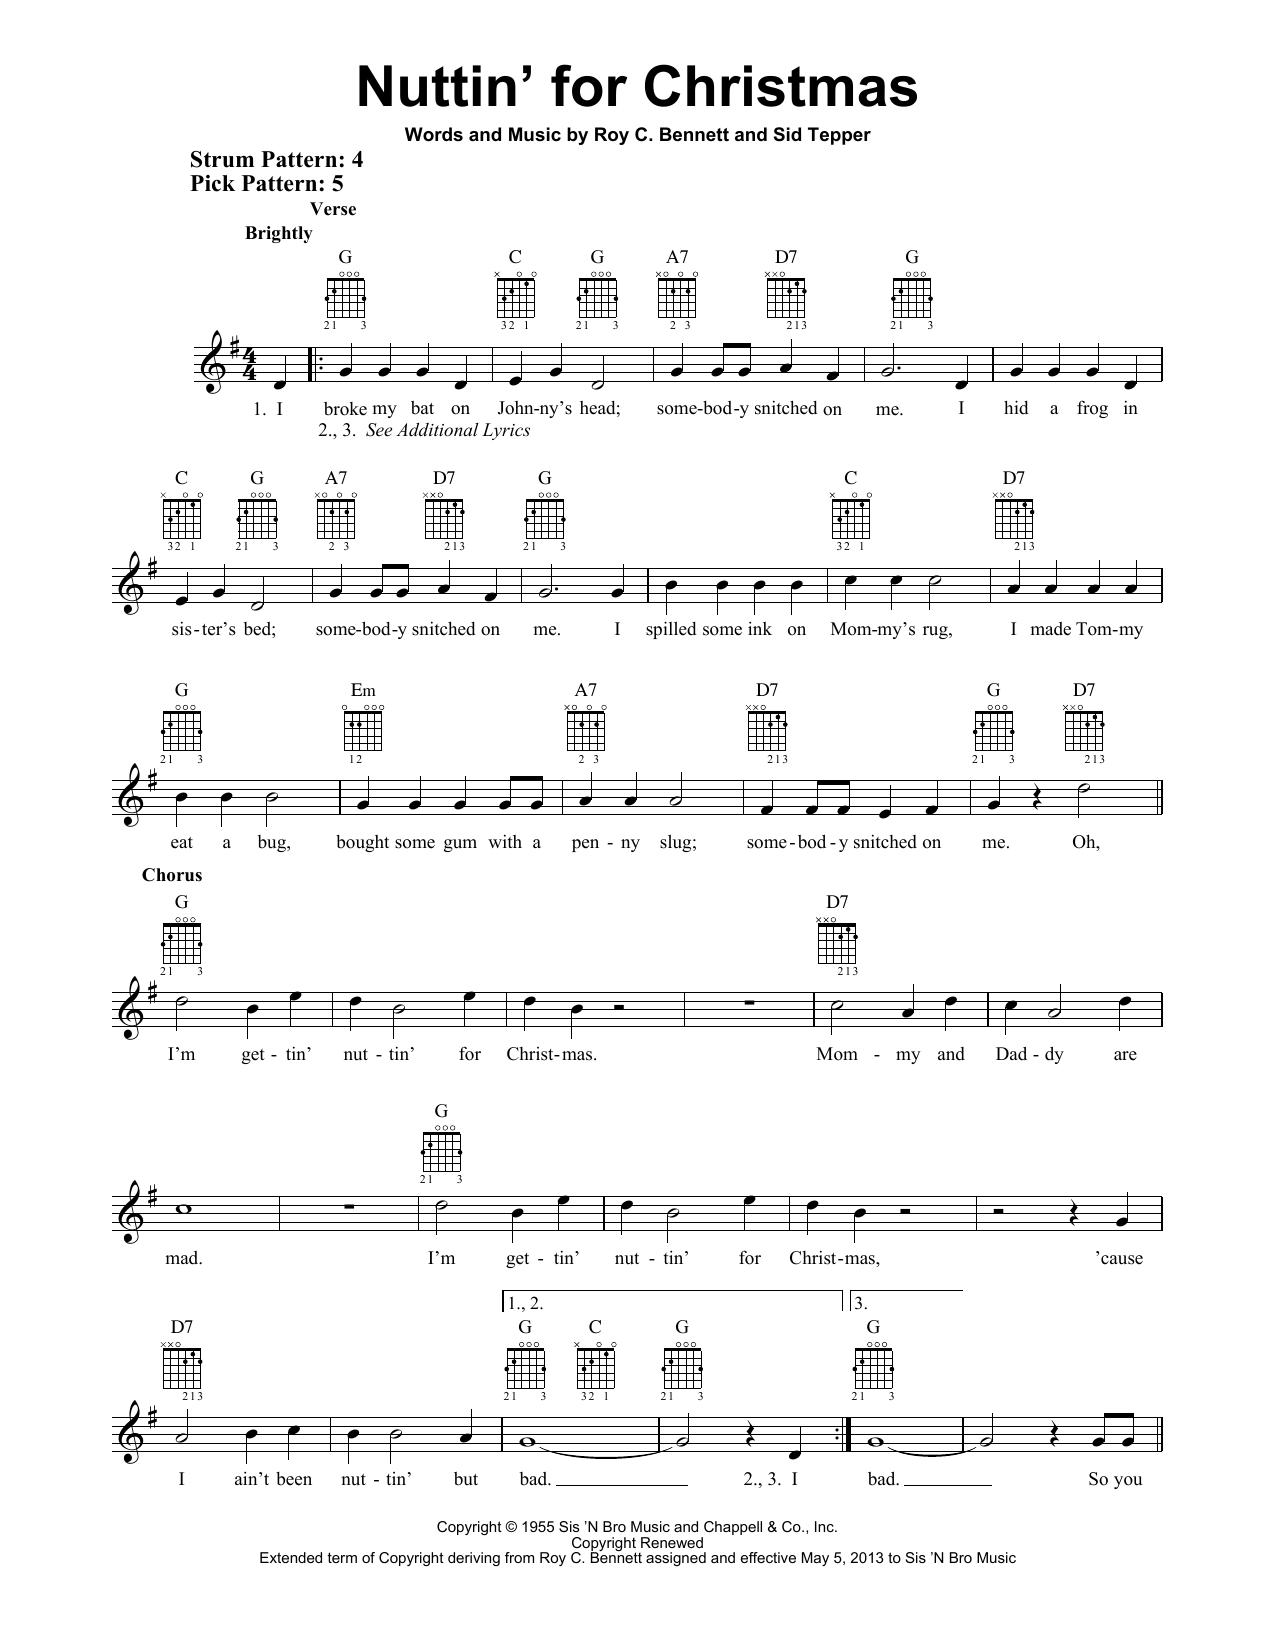 Sheet Music Digital Files To Print - Licensed Roy C. Bennett Digital ...